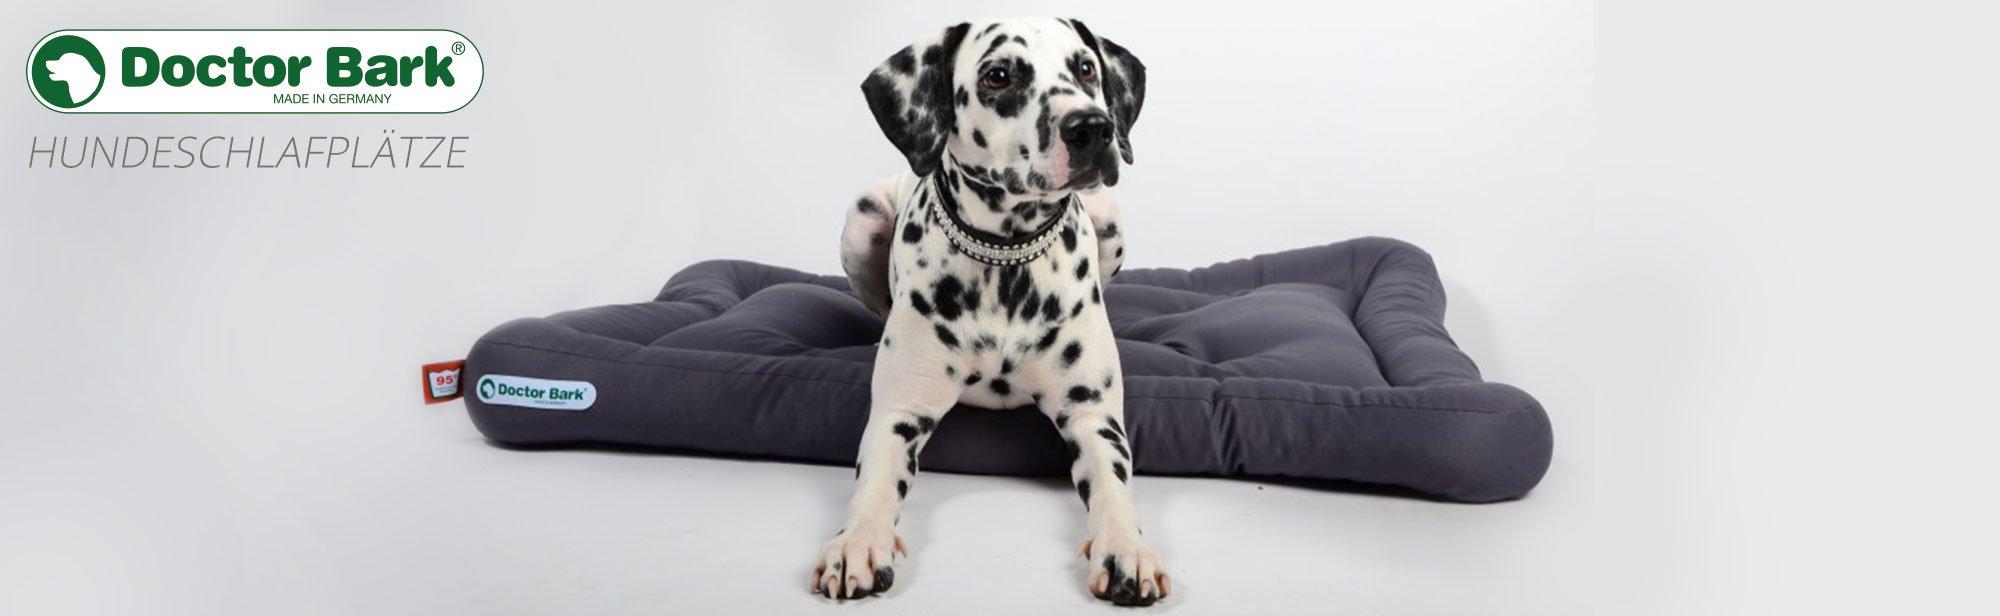 Doctor Bark Hundebetten, Hundekissen und Hundedecken, Bild 2